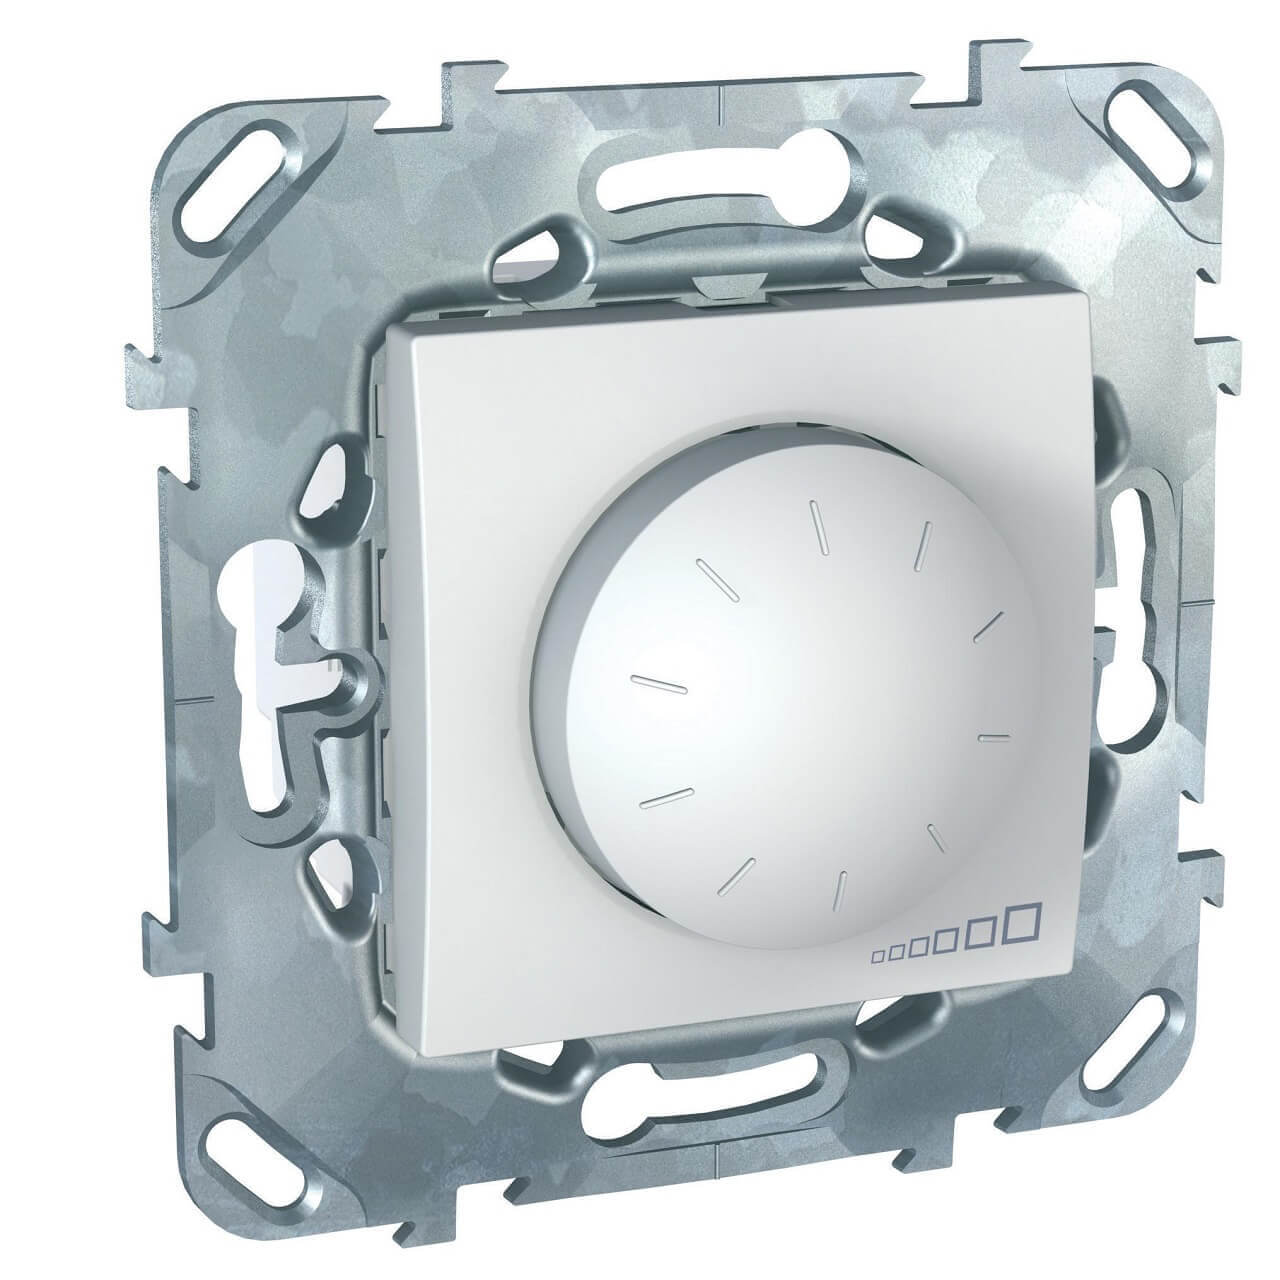 цена на Диммер Schneider Electric MGU5.511.18ZD Unica (Подходит под рамки Unica, Хамелеон, Quadro)